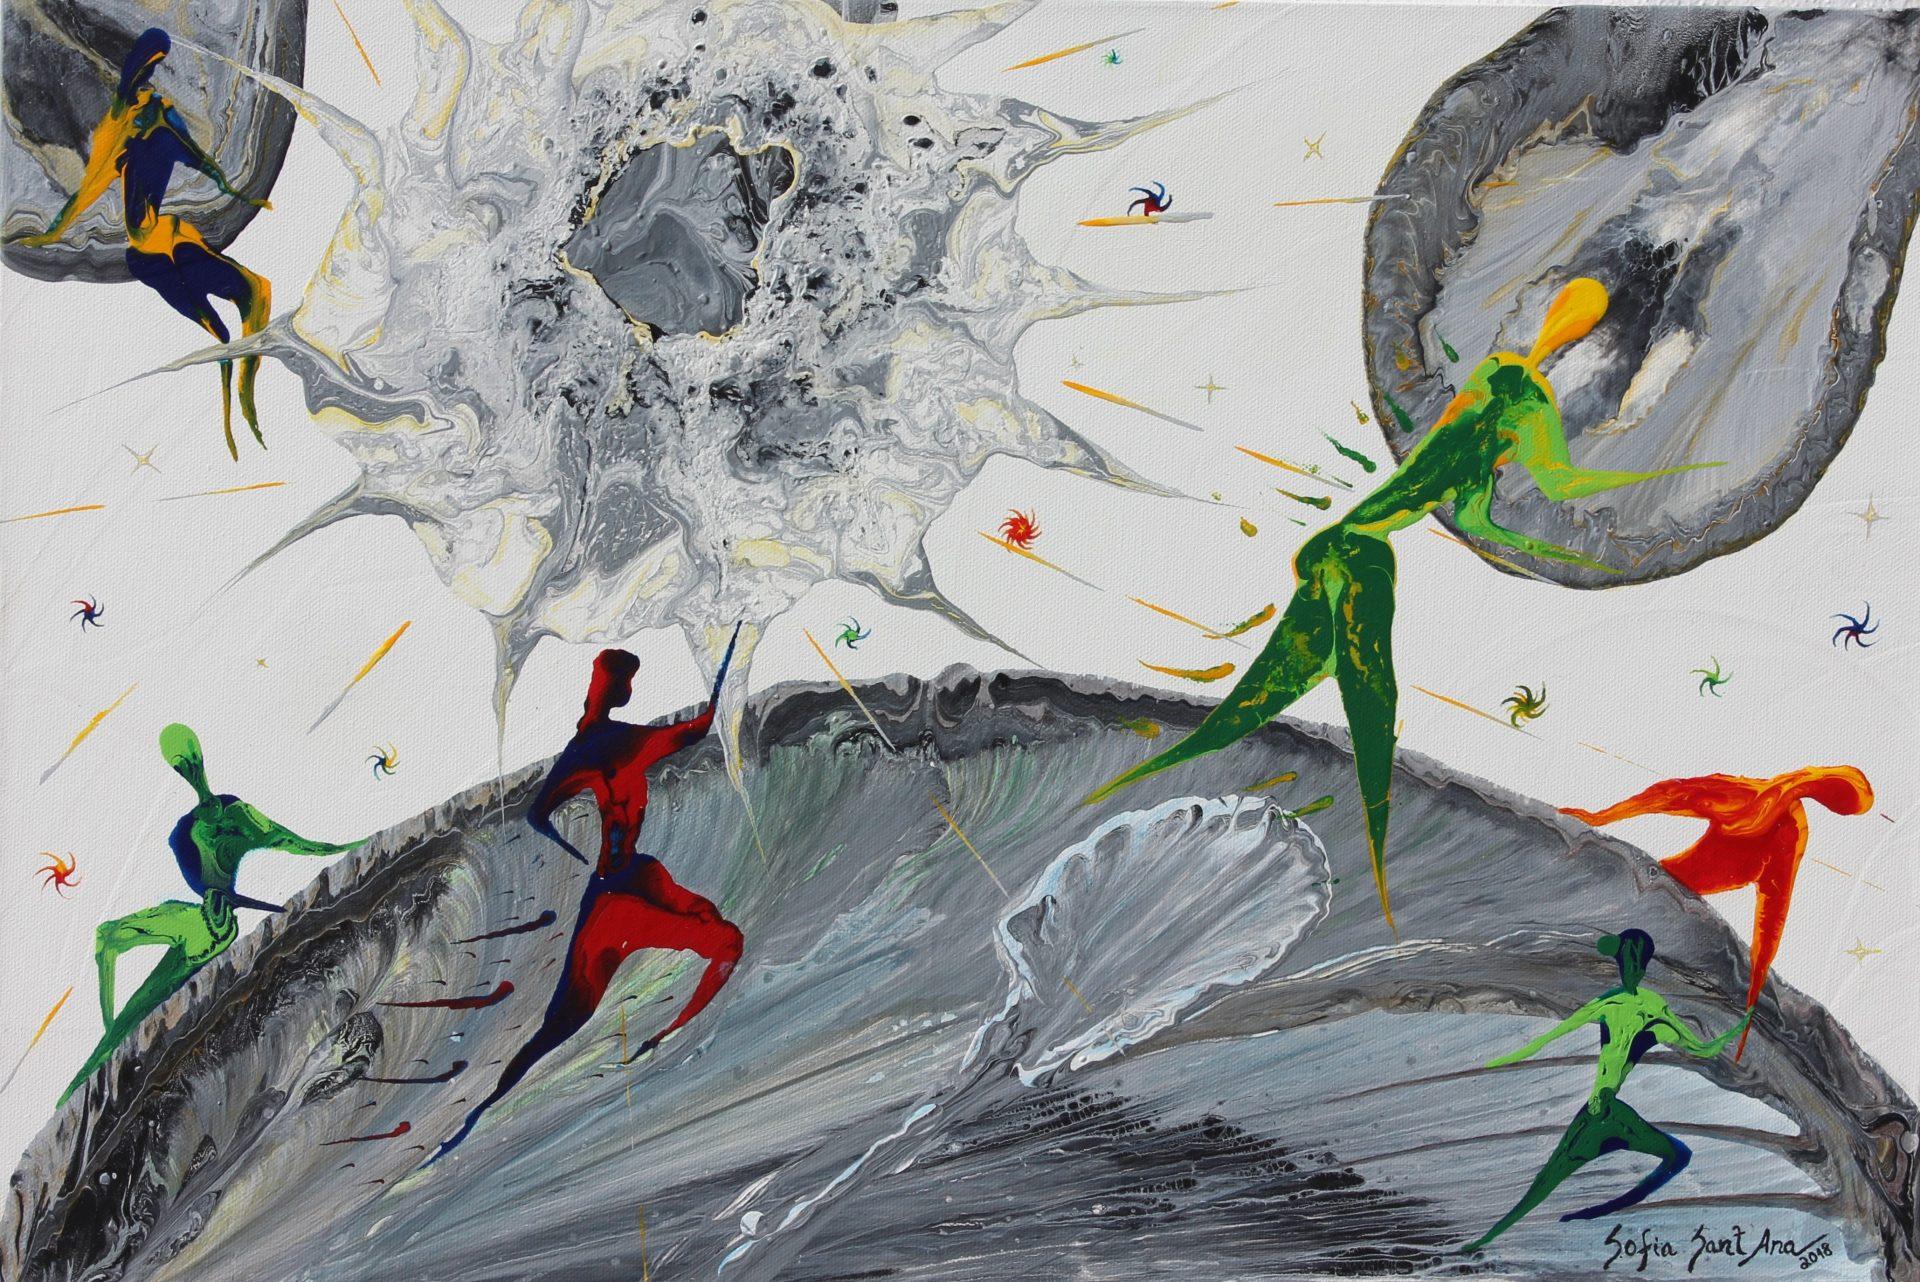 Obra O Nosso Lugar no Mundo pintada à mão em acrílico sobre tela